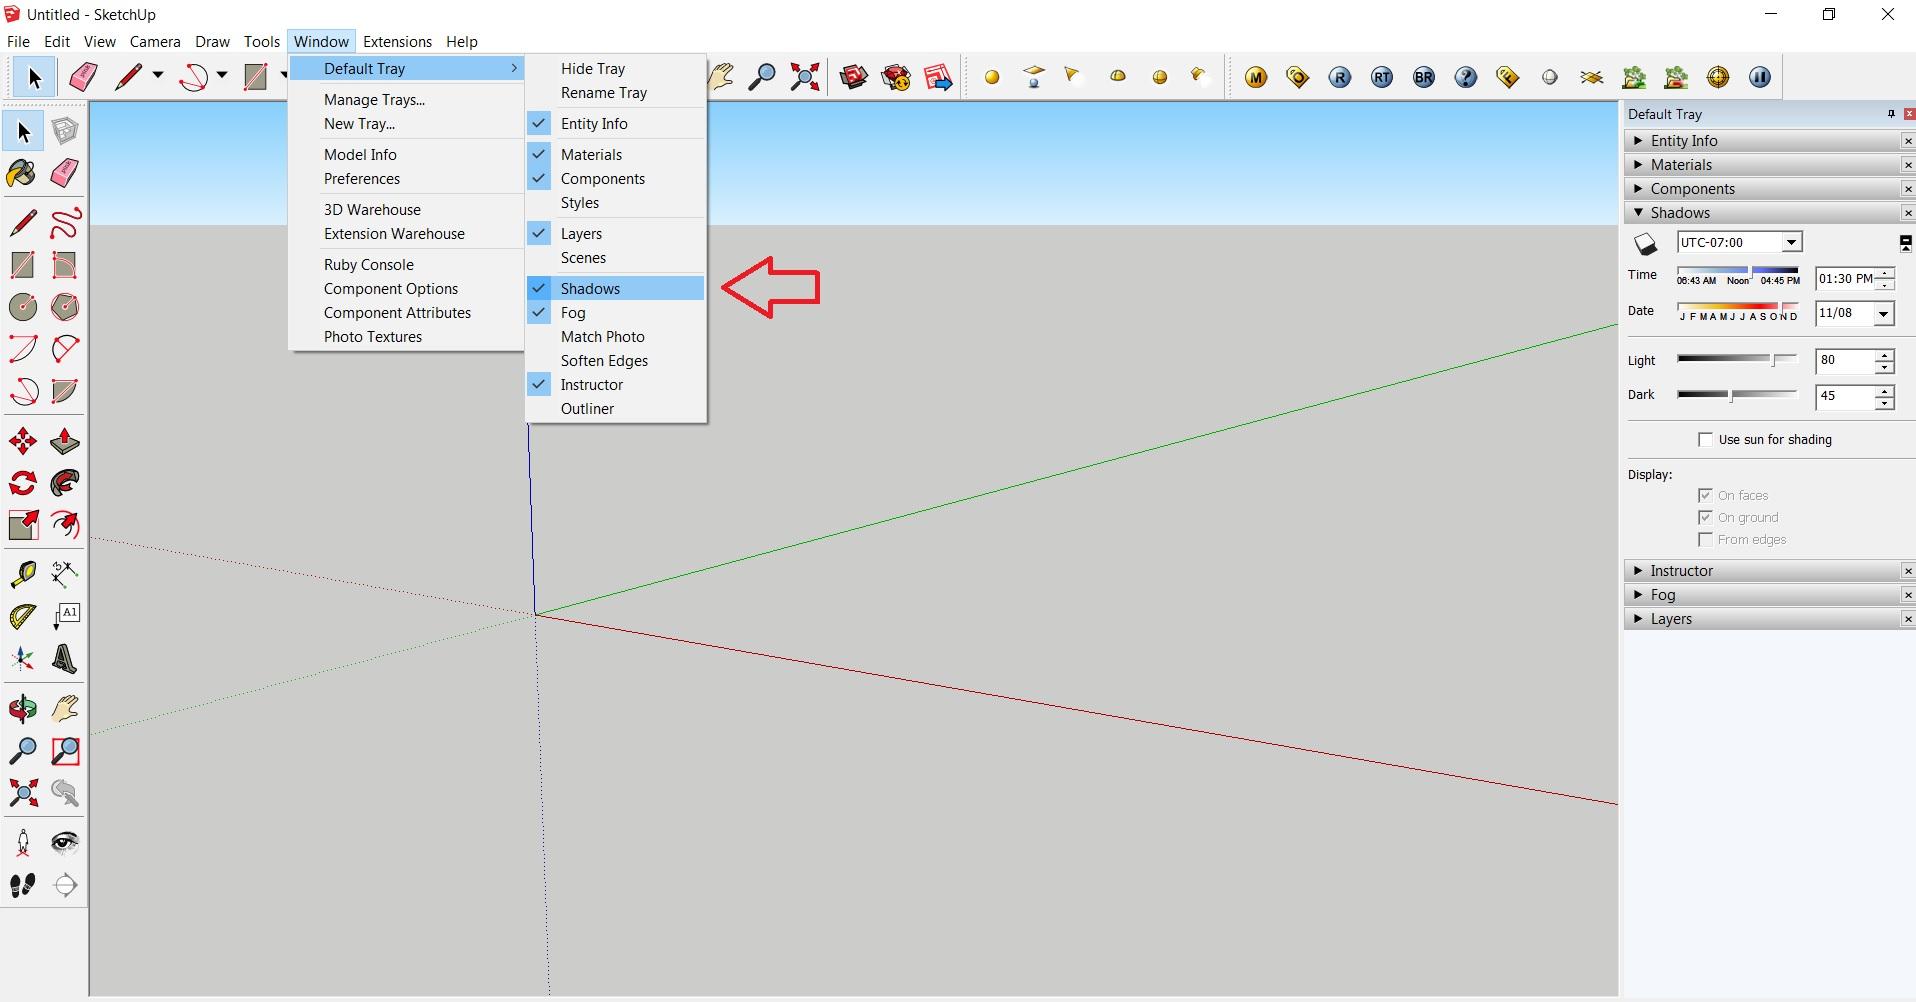 ایجاد سایه برای مدل در اسکچاپ 2